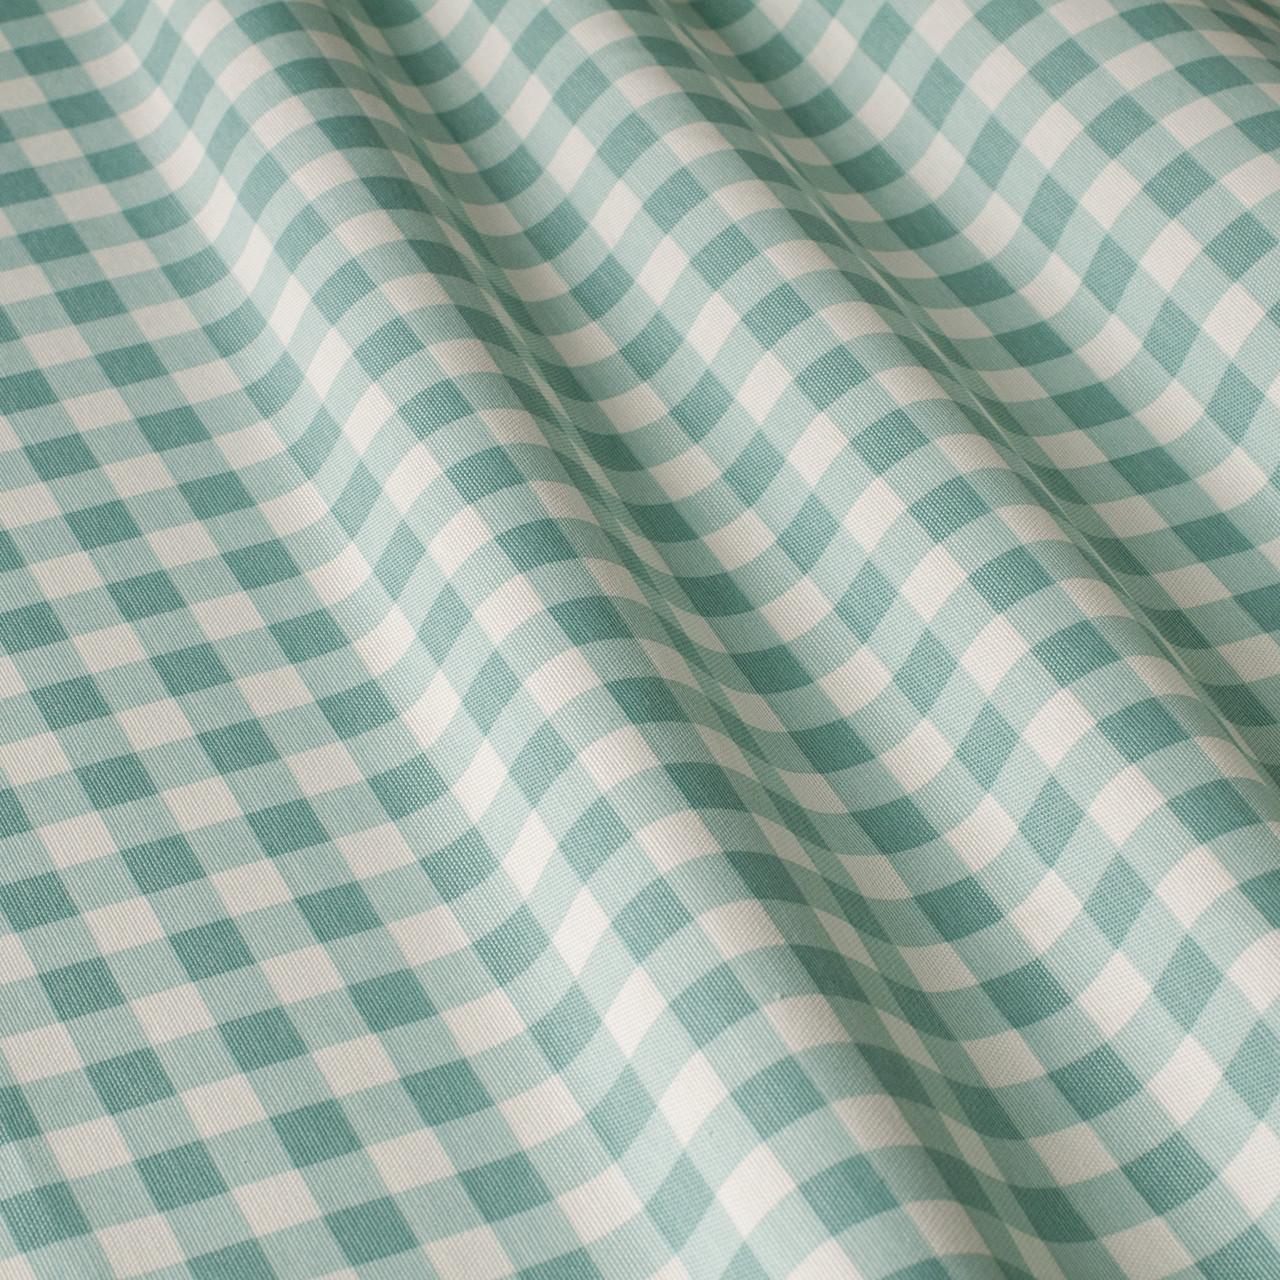 Декоративна тканина в дрібну клітку біло-зеленого кольору 180 см 84579v33